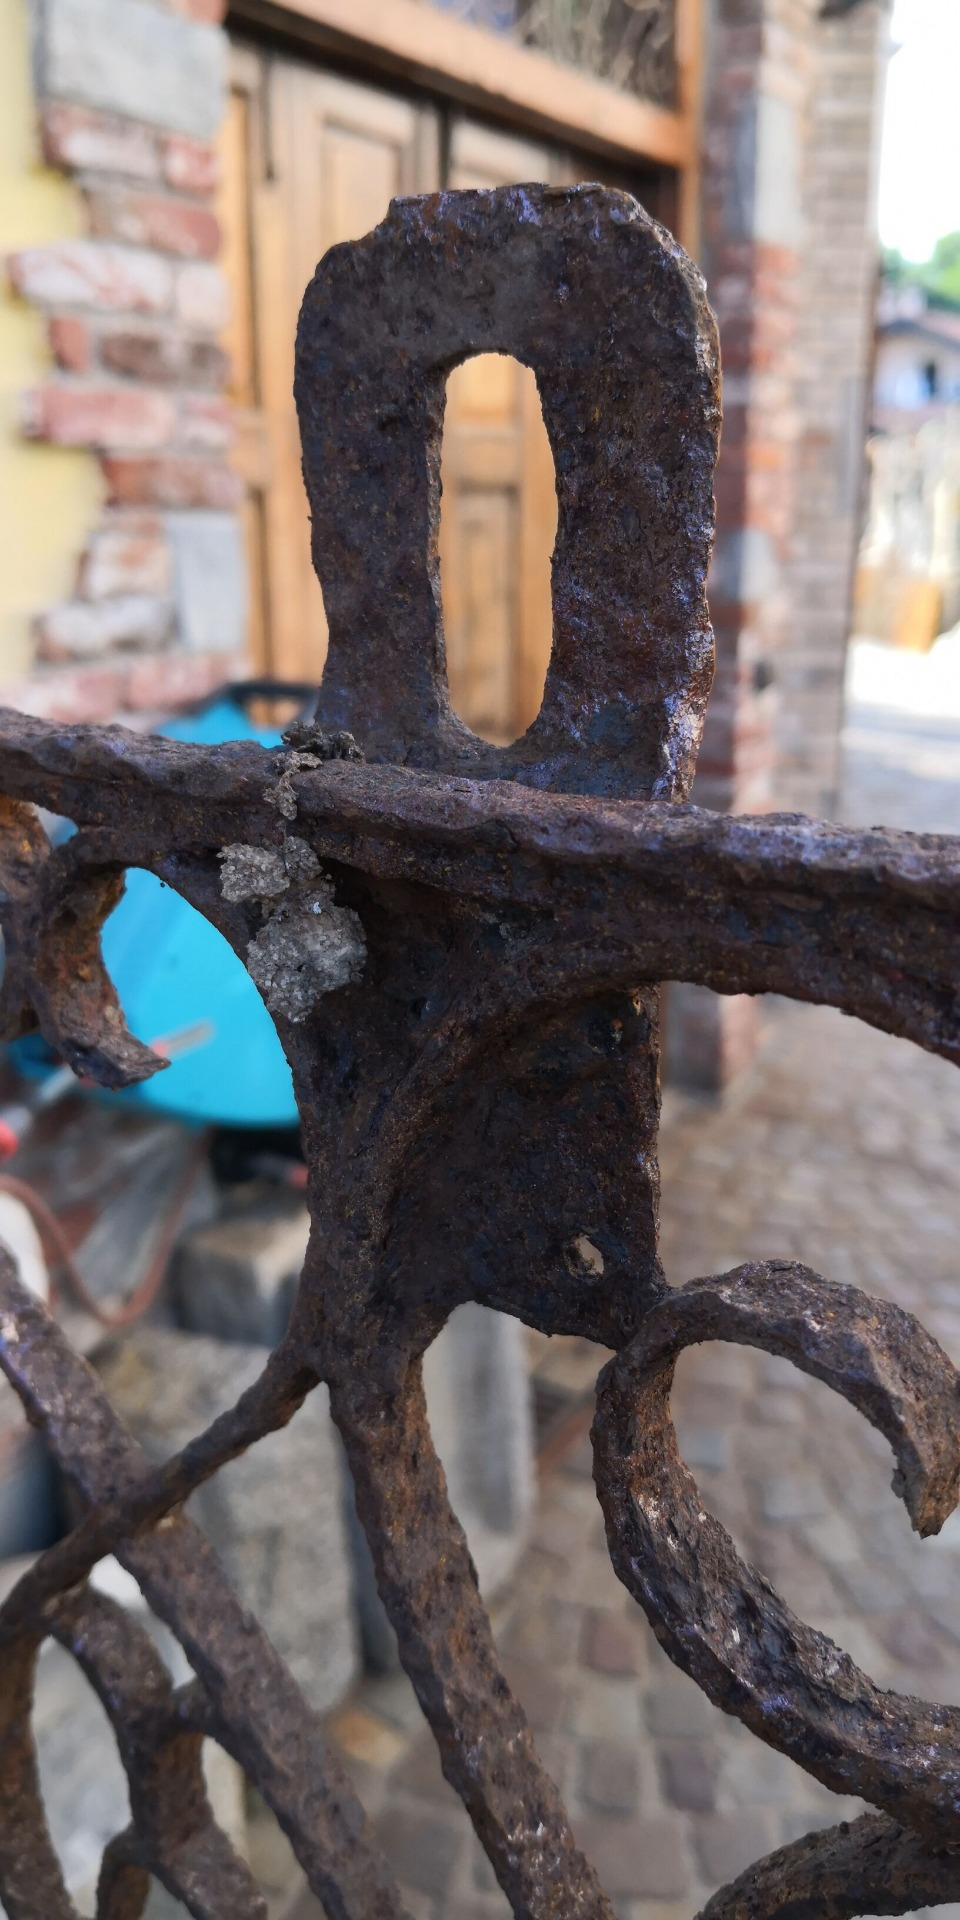 thumb2|grata in ferro chiodato